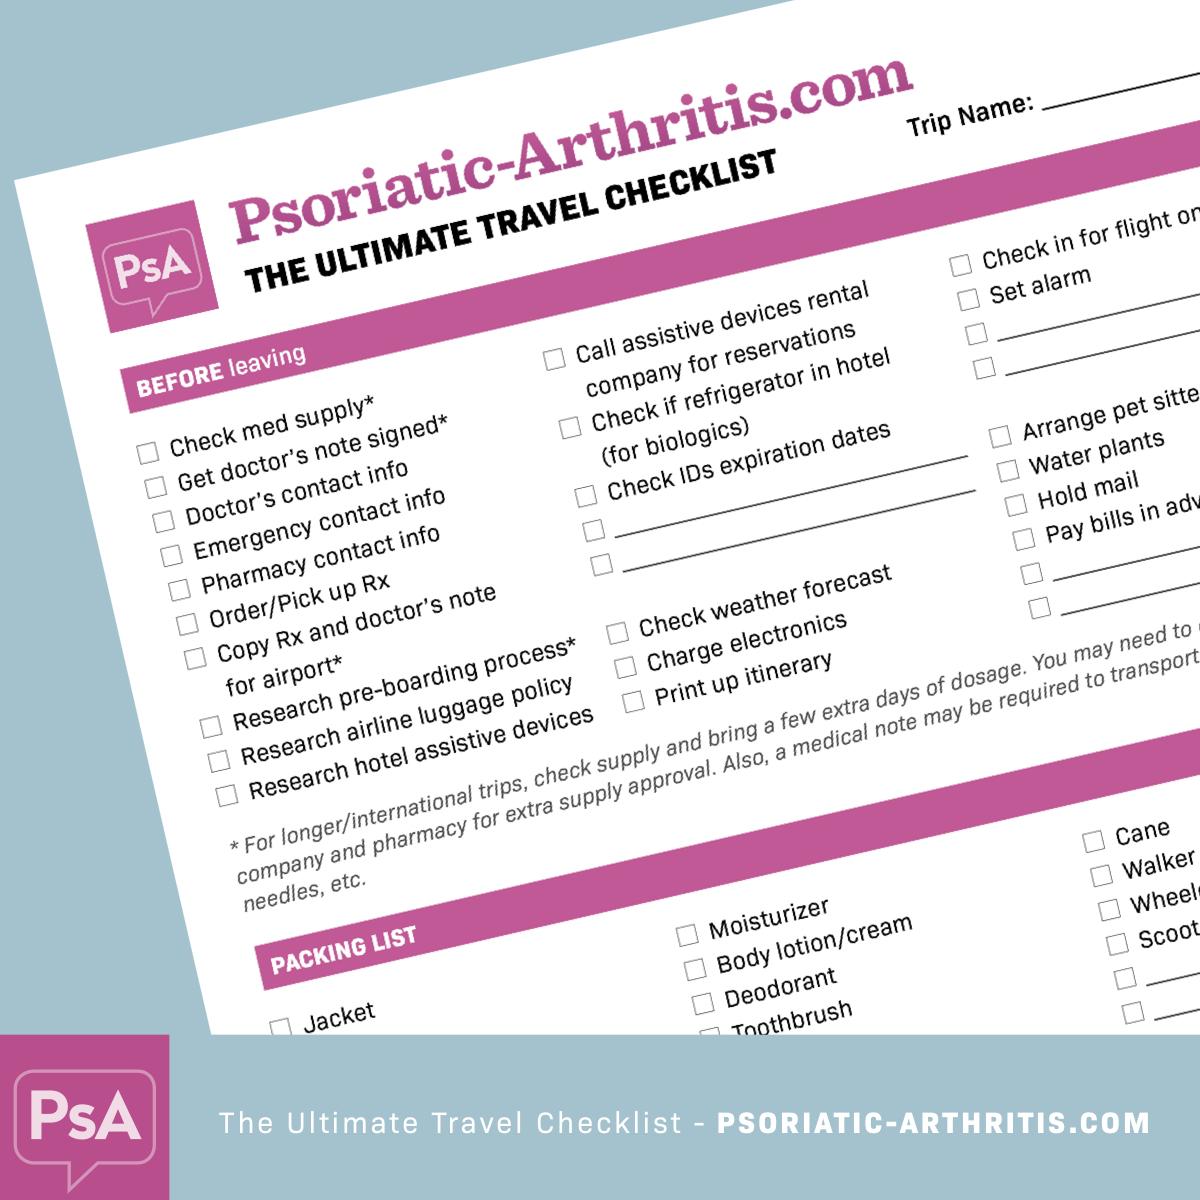 psoriatic arthritis treatment guidelines 2017